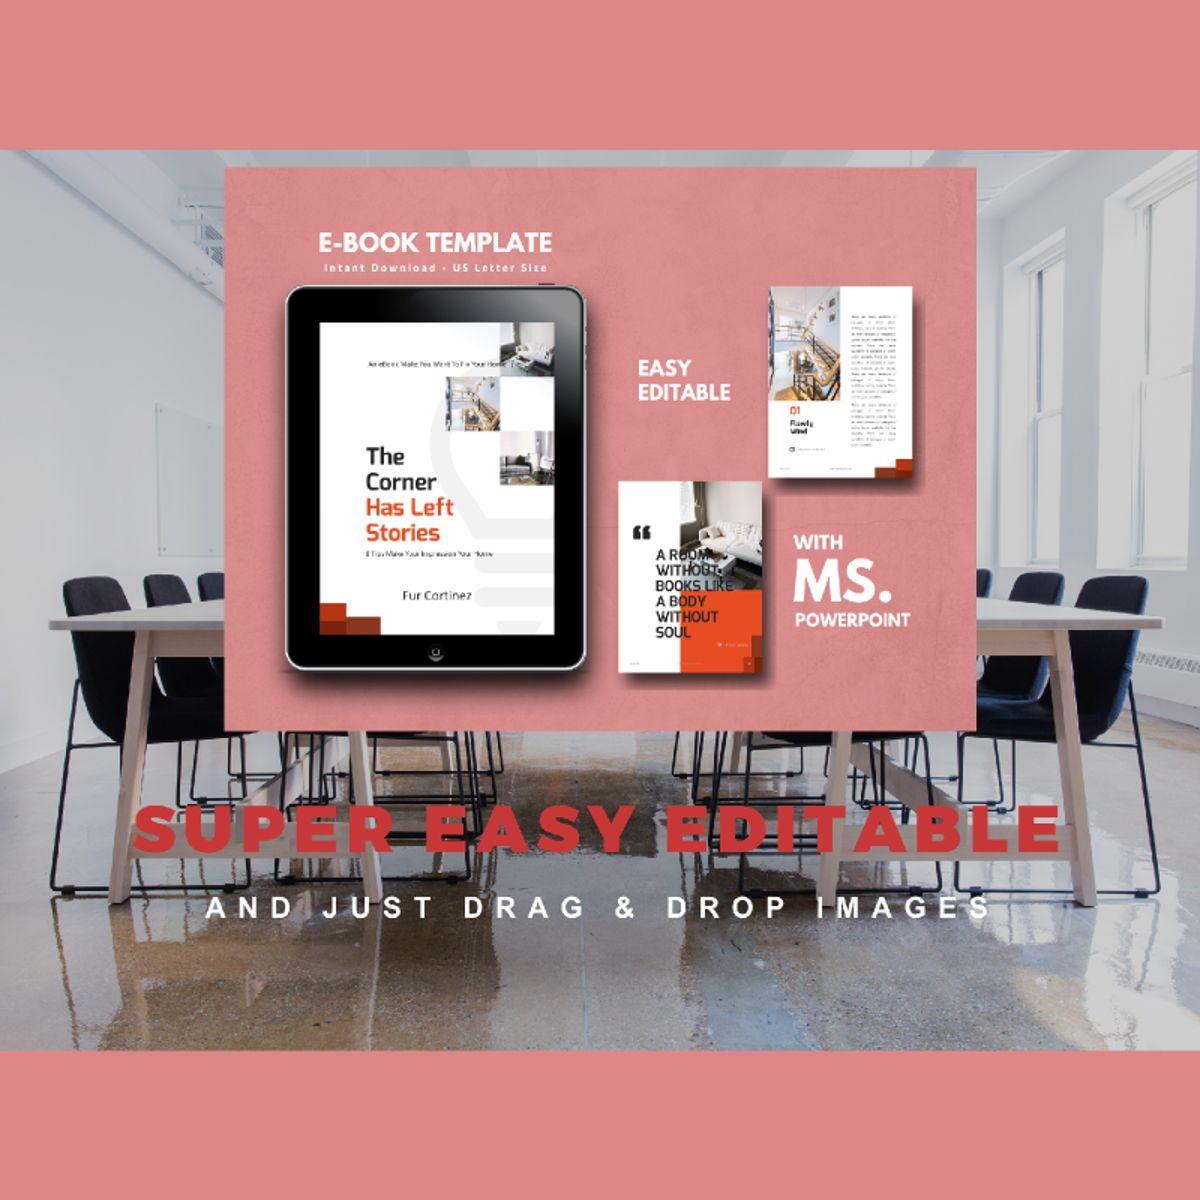 Interior eBook PowerPoint Presentation Template, Slide 10, 04495, Presentation Templates — PoweredTemplate.com